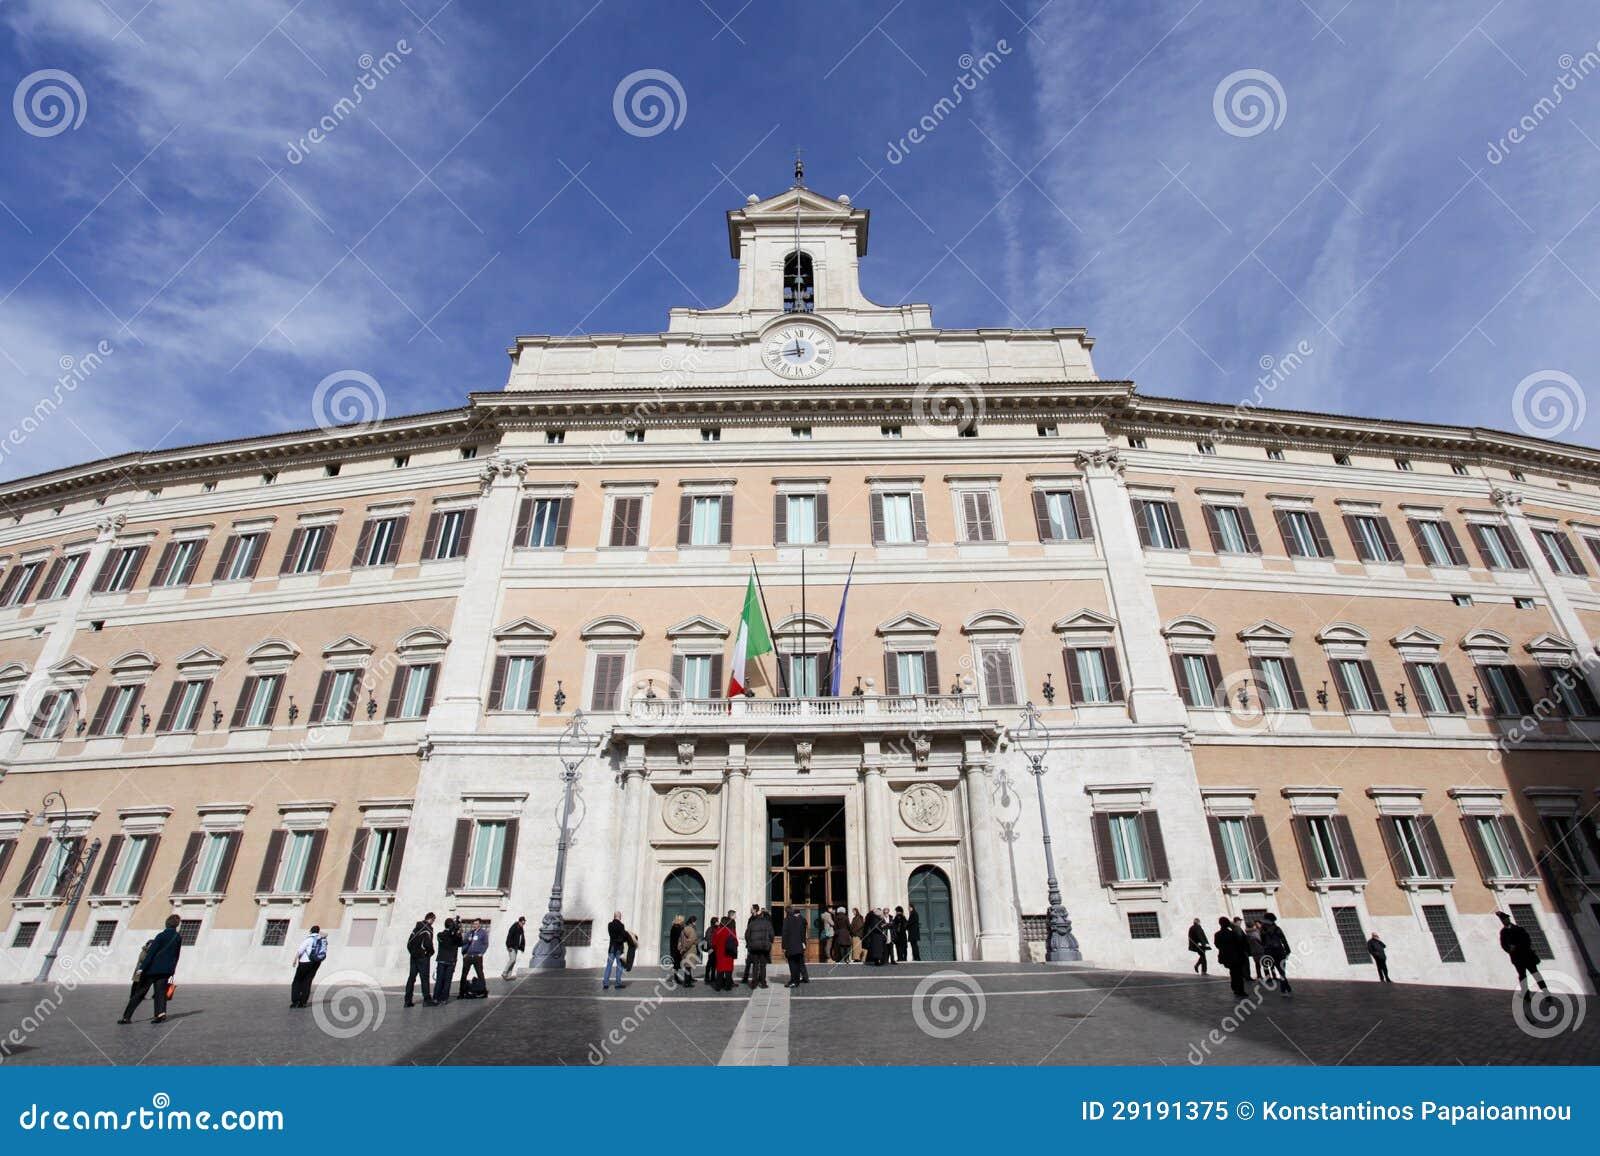 Palazzo di montecitorio a roma immagine editoriale for Quanti sono i membri del parlamento italiano